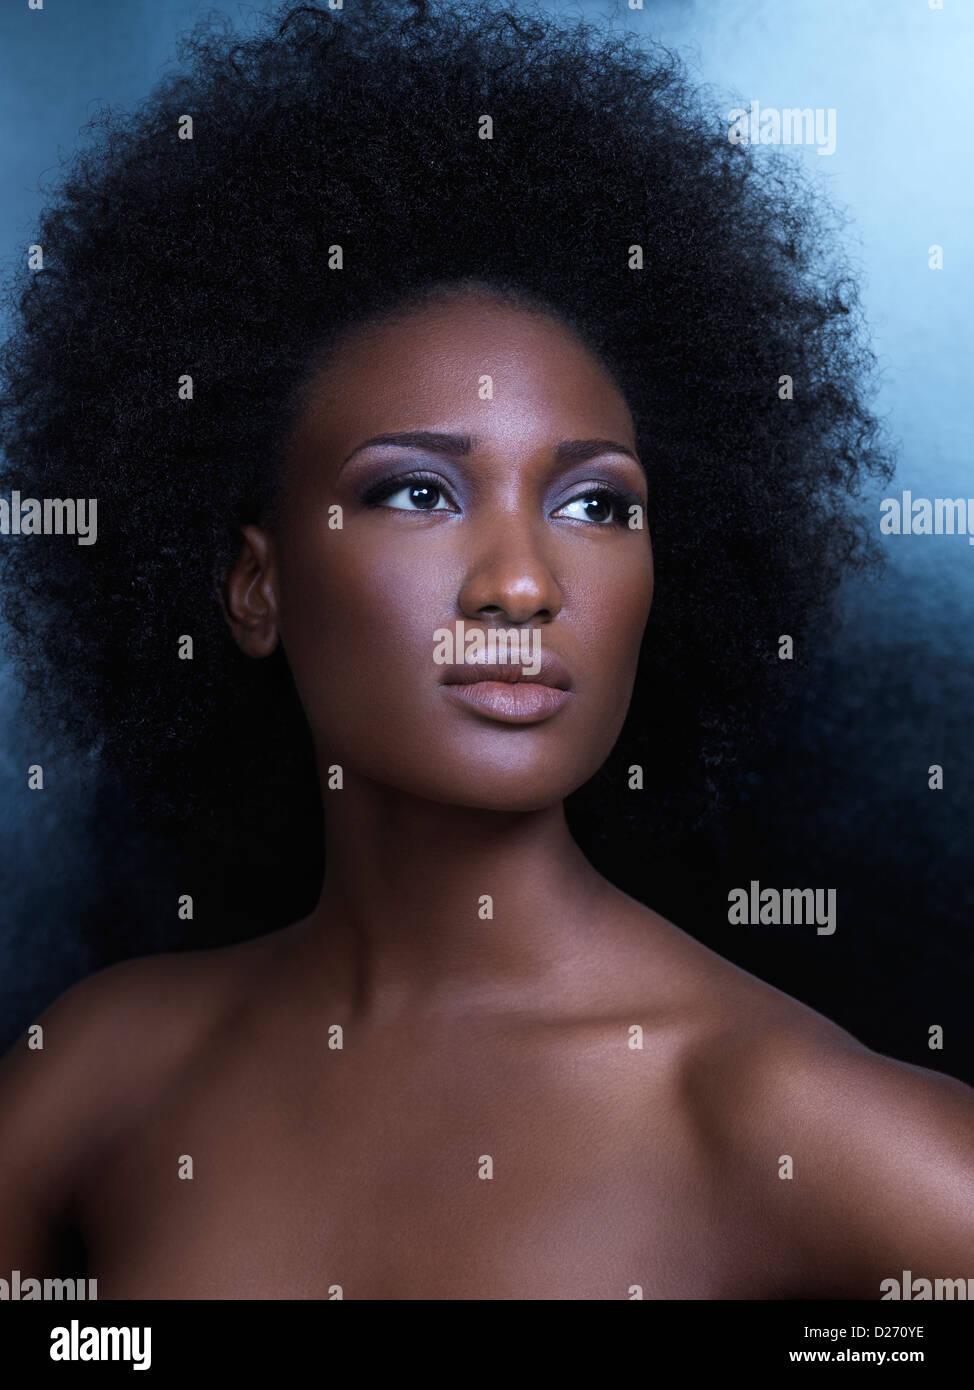 Portrait de beauté d'une jeune femme afro-américaine avec de grands cheveux naturels Photo Stock